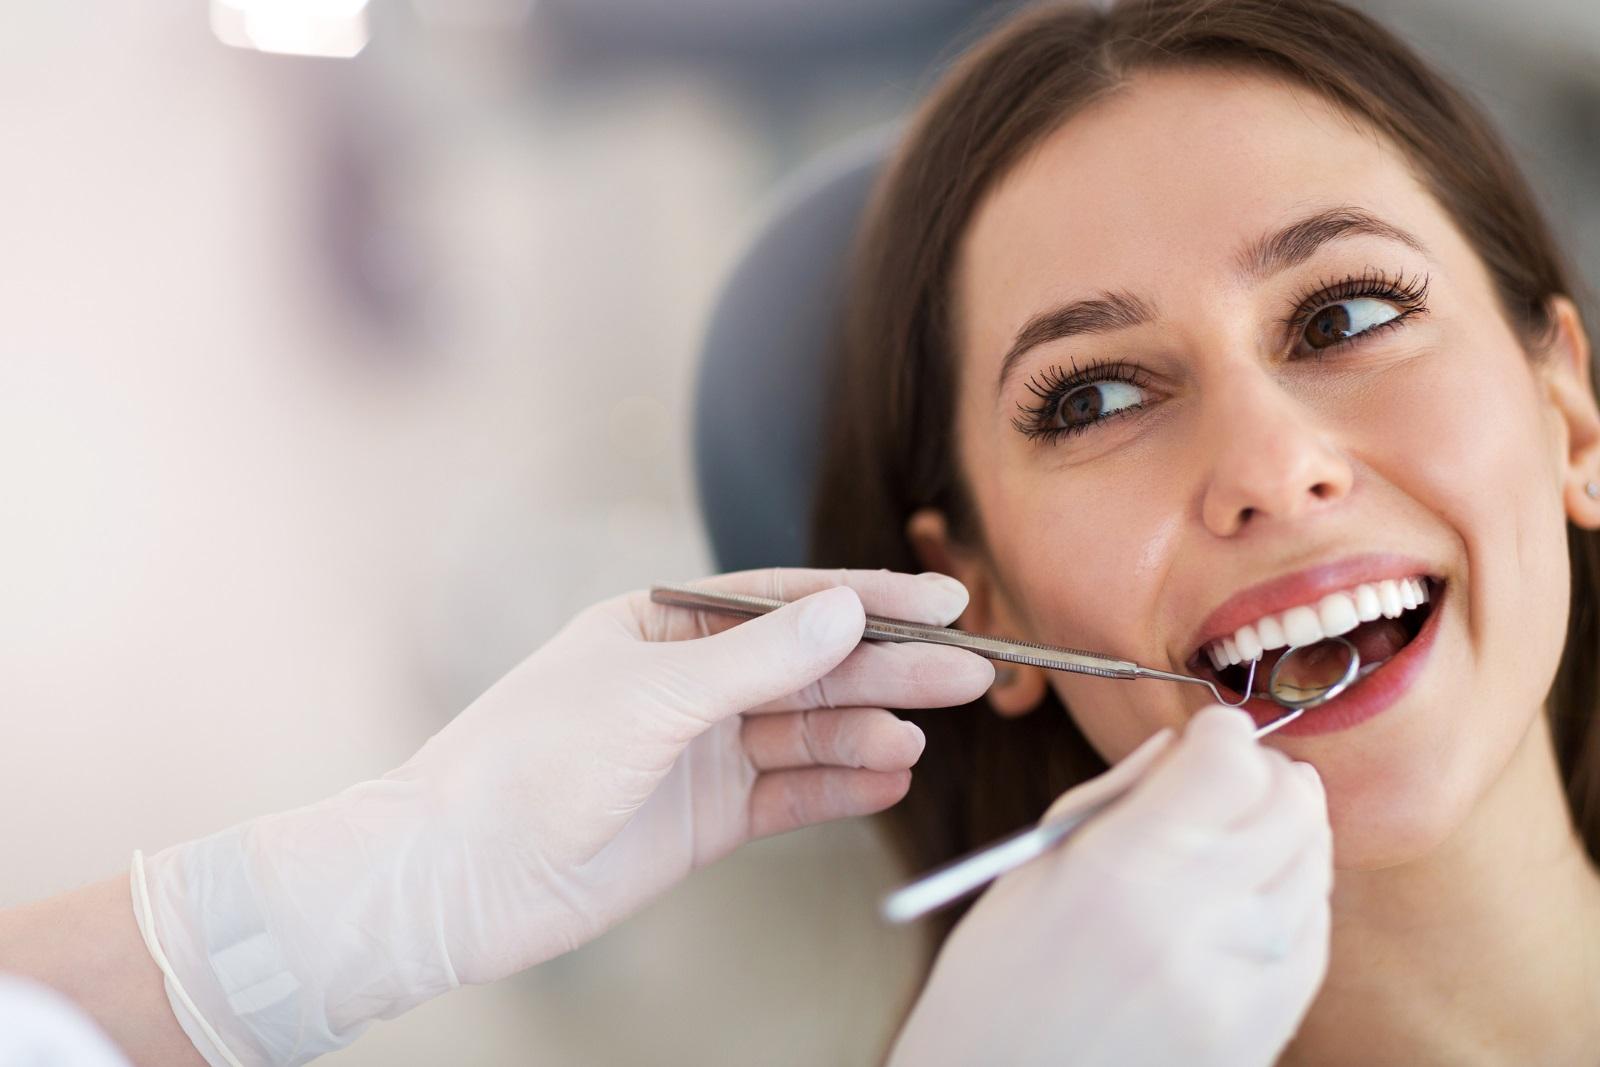 Колагеновият протеин играе важна роля в поддържането на здрави венци и зъби. Недостигът му може да доведе до внезапно разрушаване на зъбите и влошаване на здравето на венците.